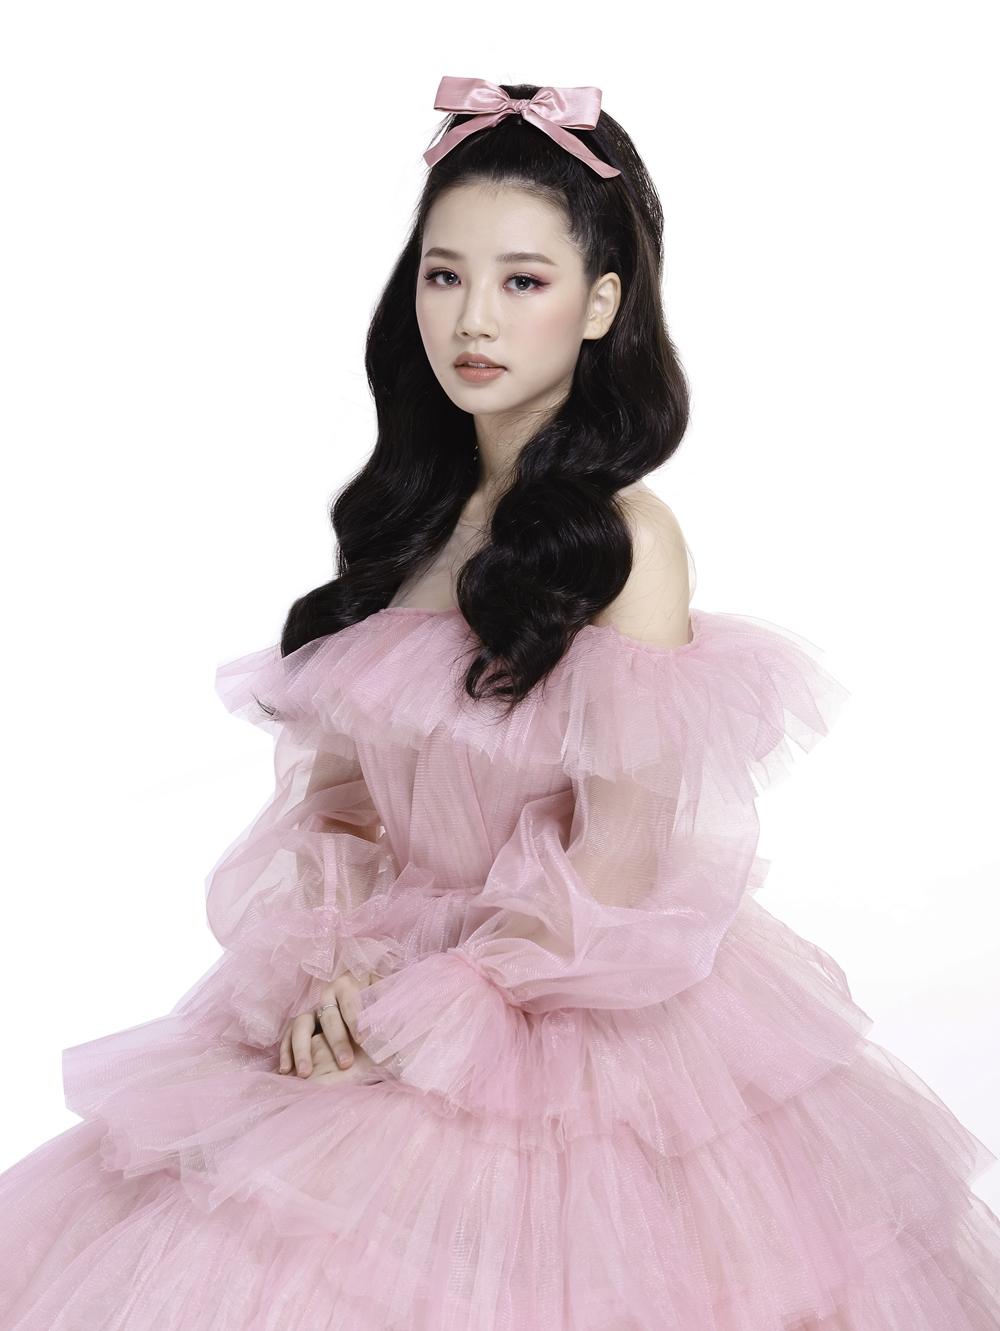 Diện trên mình chiếc váy hồng ngọt ngào, nàng Aurora Amee toát lên được tinh thần lạc quan, trẻ trung và luôn hạnh phúc.